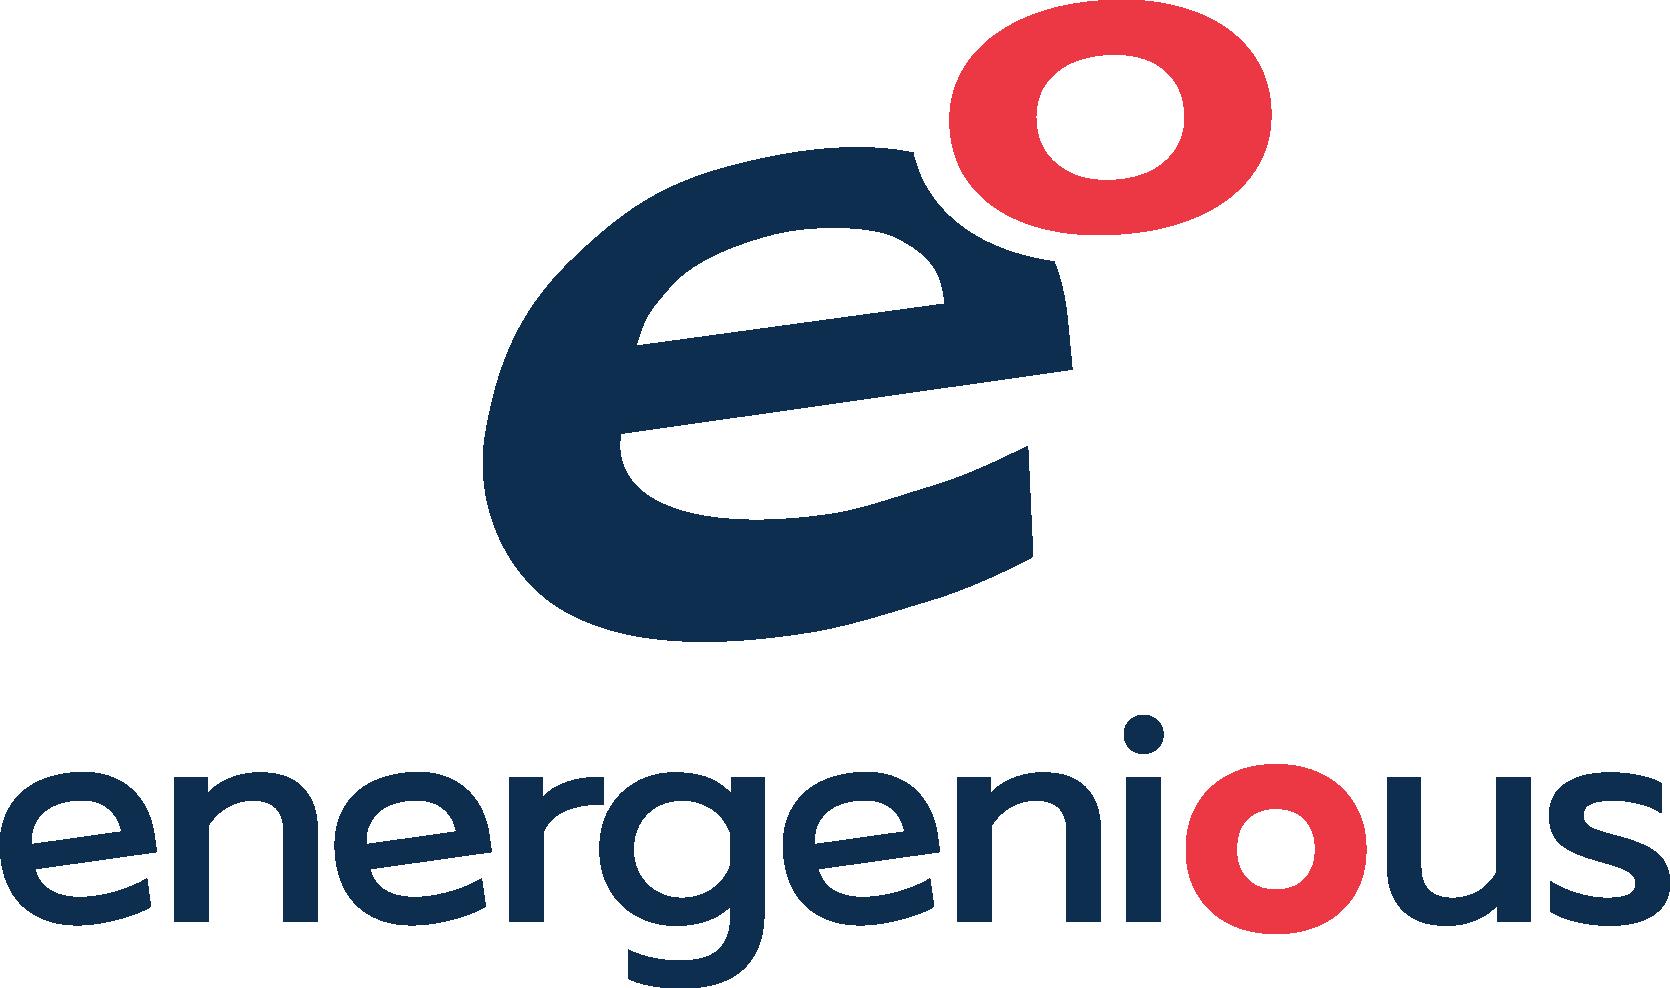 energenious